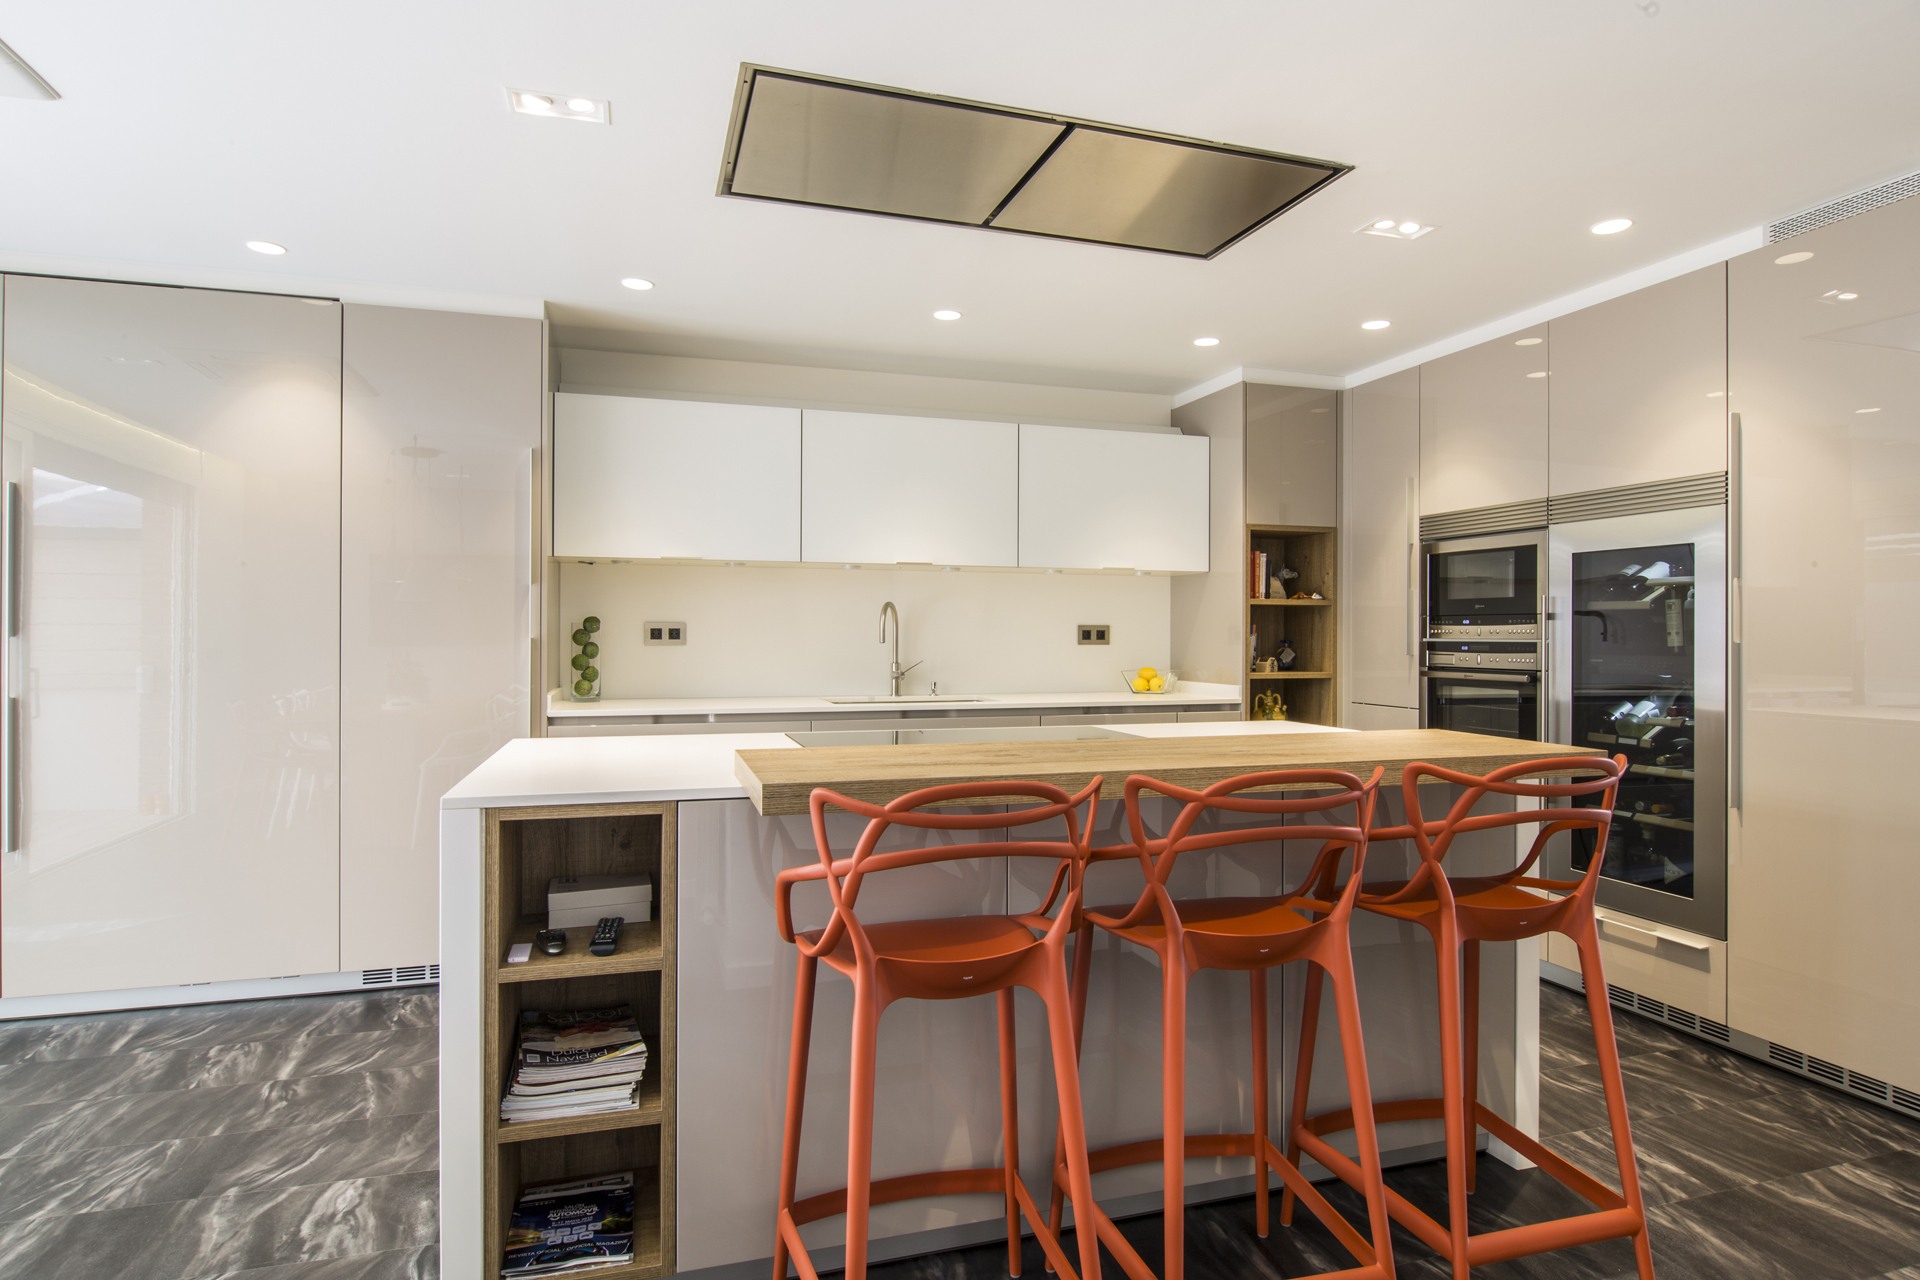 Una buena idea cocina abierta con una gran isla central - Cocinas con isla central fotos ...